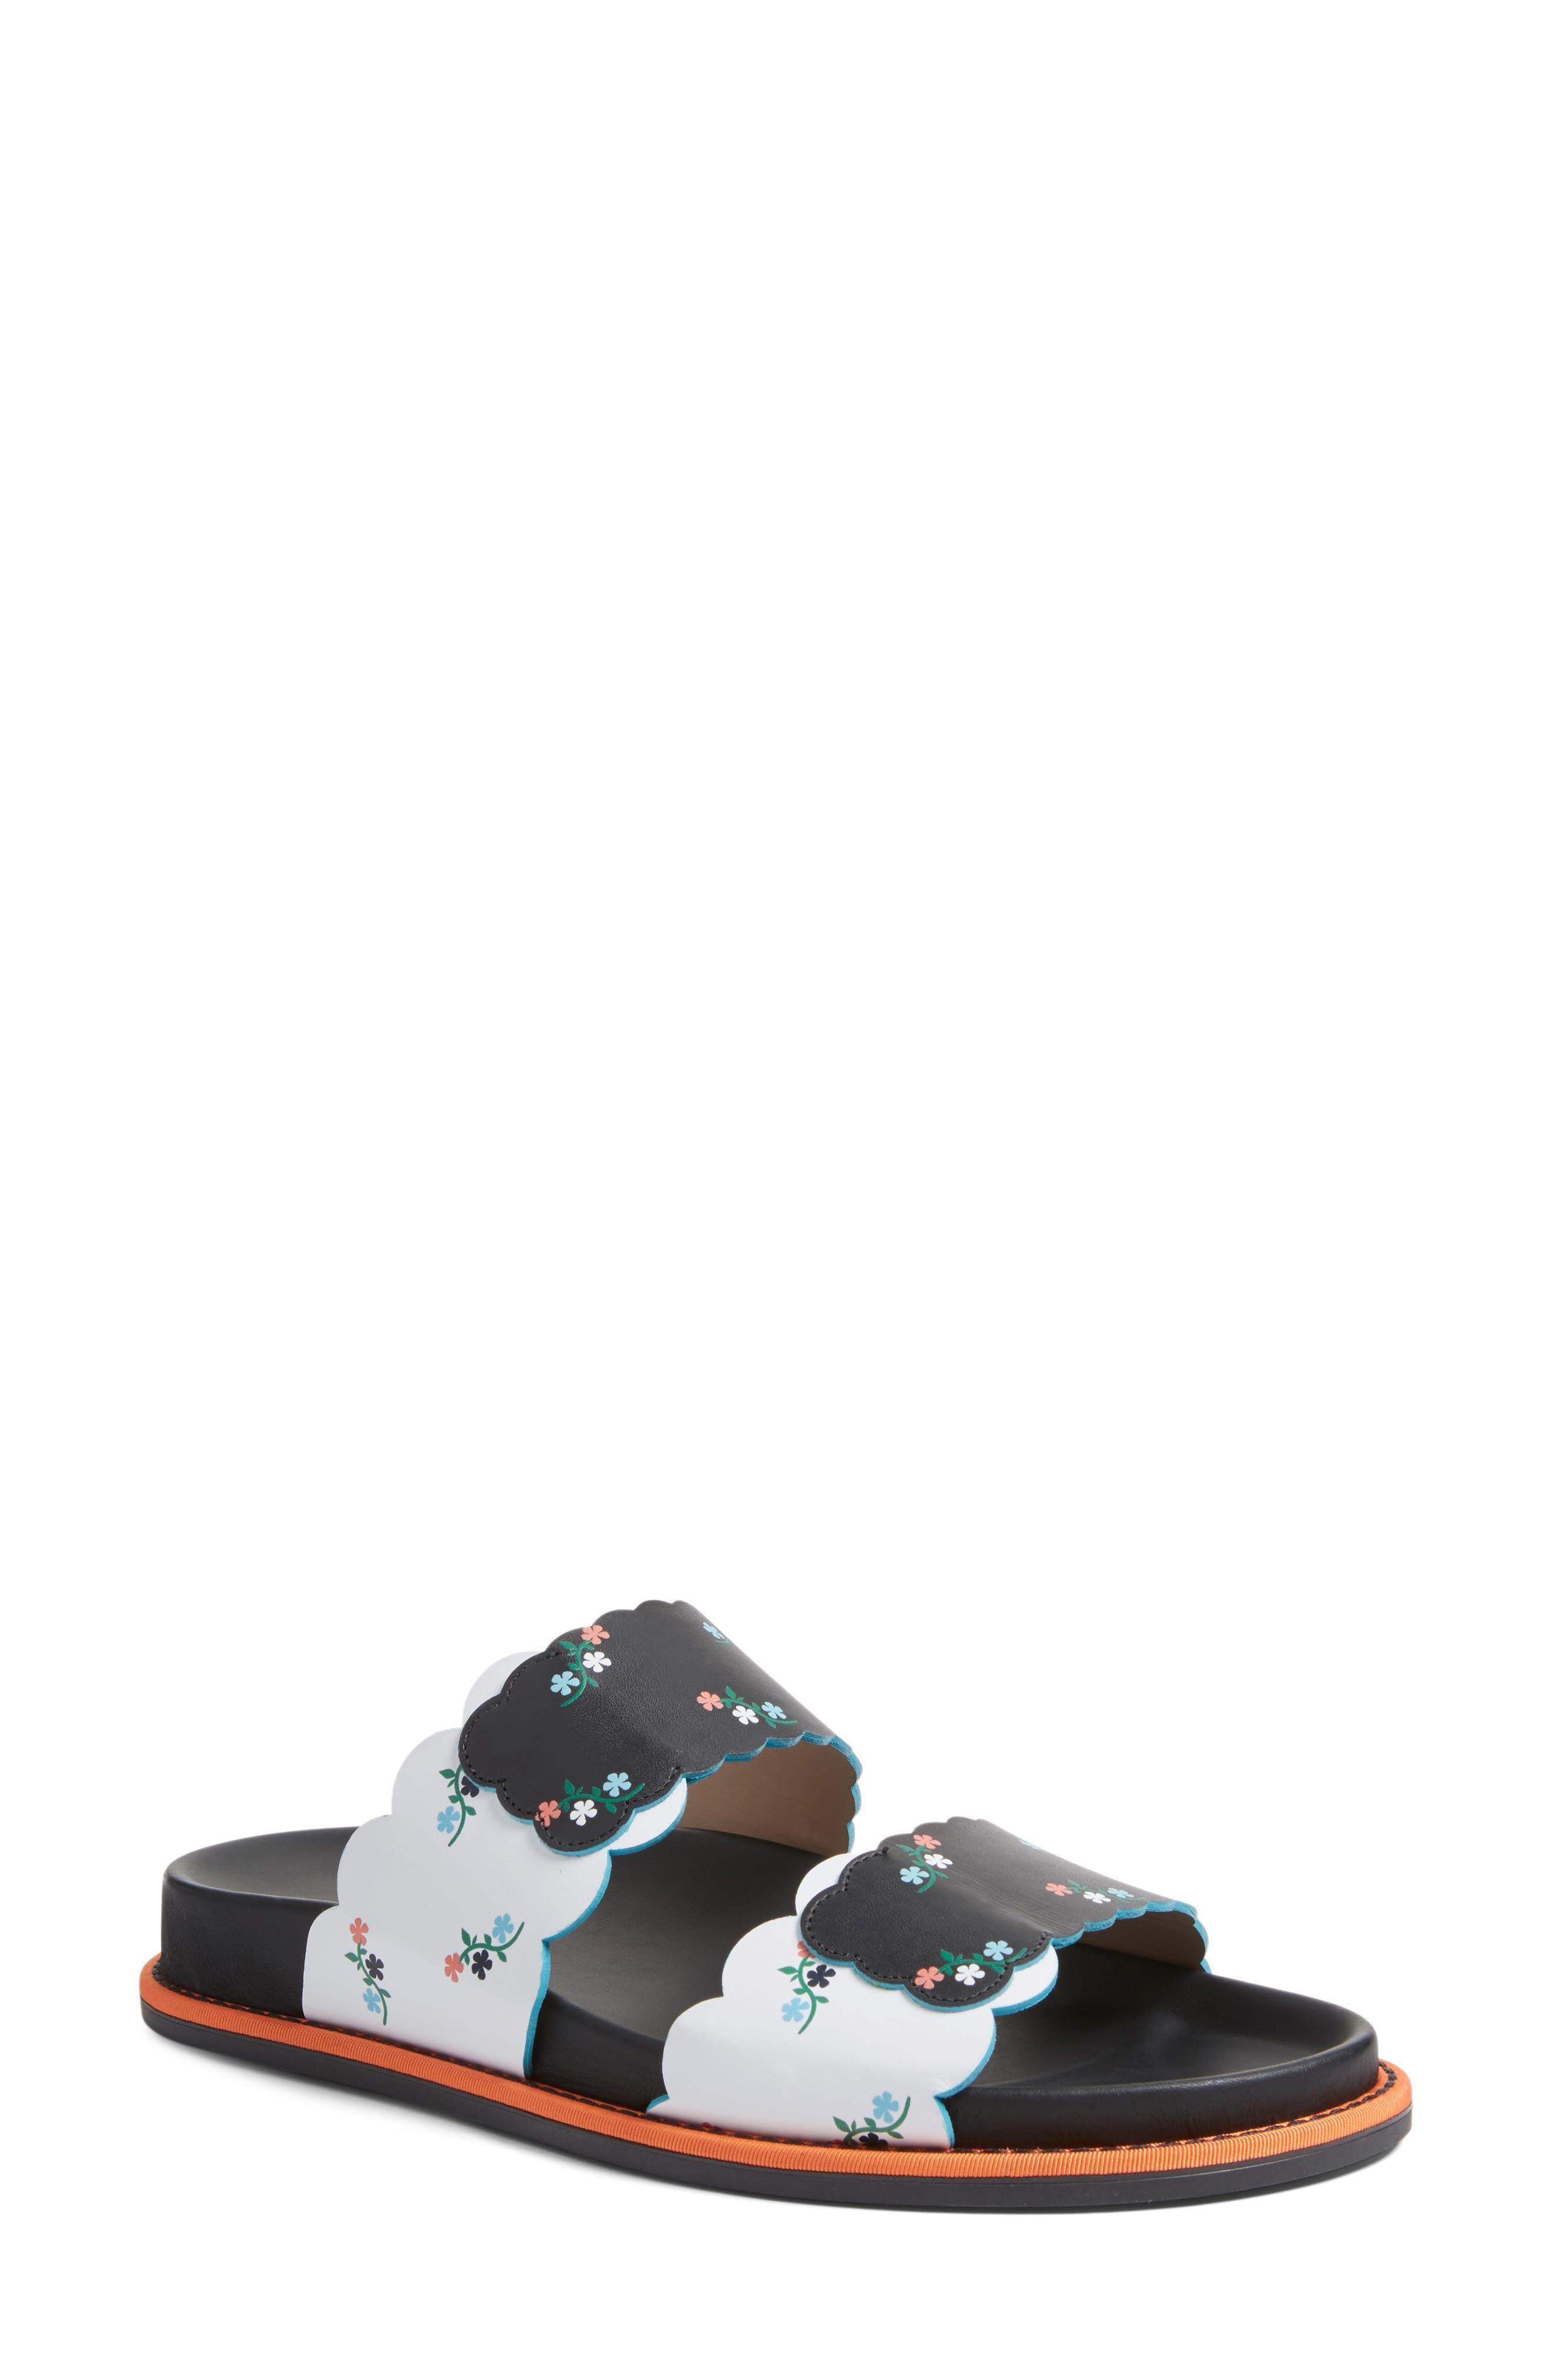 Scallop Slide Sandal,                             Main thumbnail 1, color,                             Black Floral